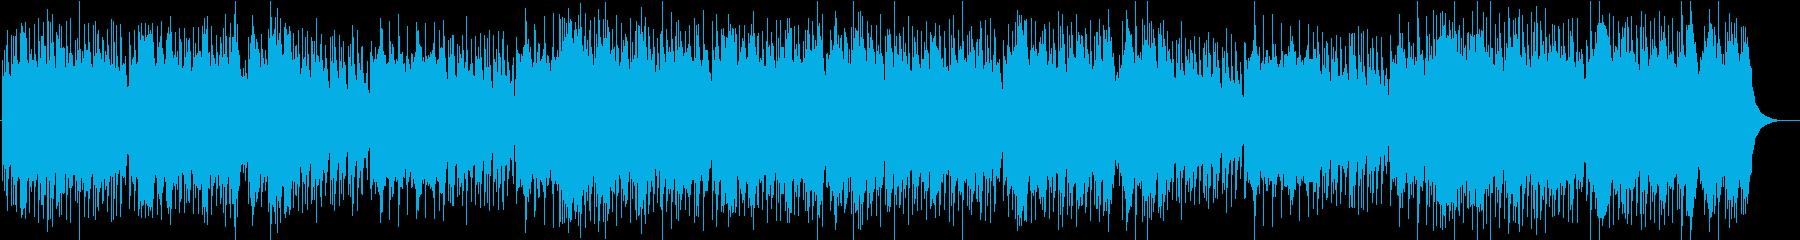 ラデツキー行進曲 オルゴールオーケストラの再生済みの波形